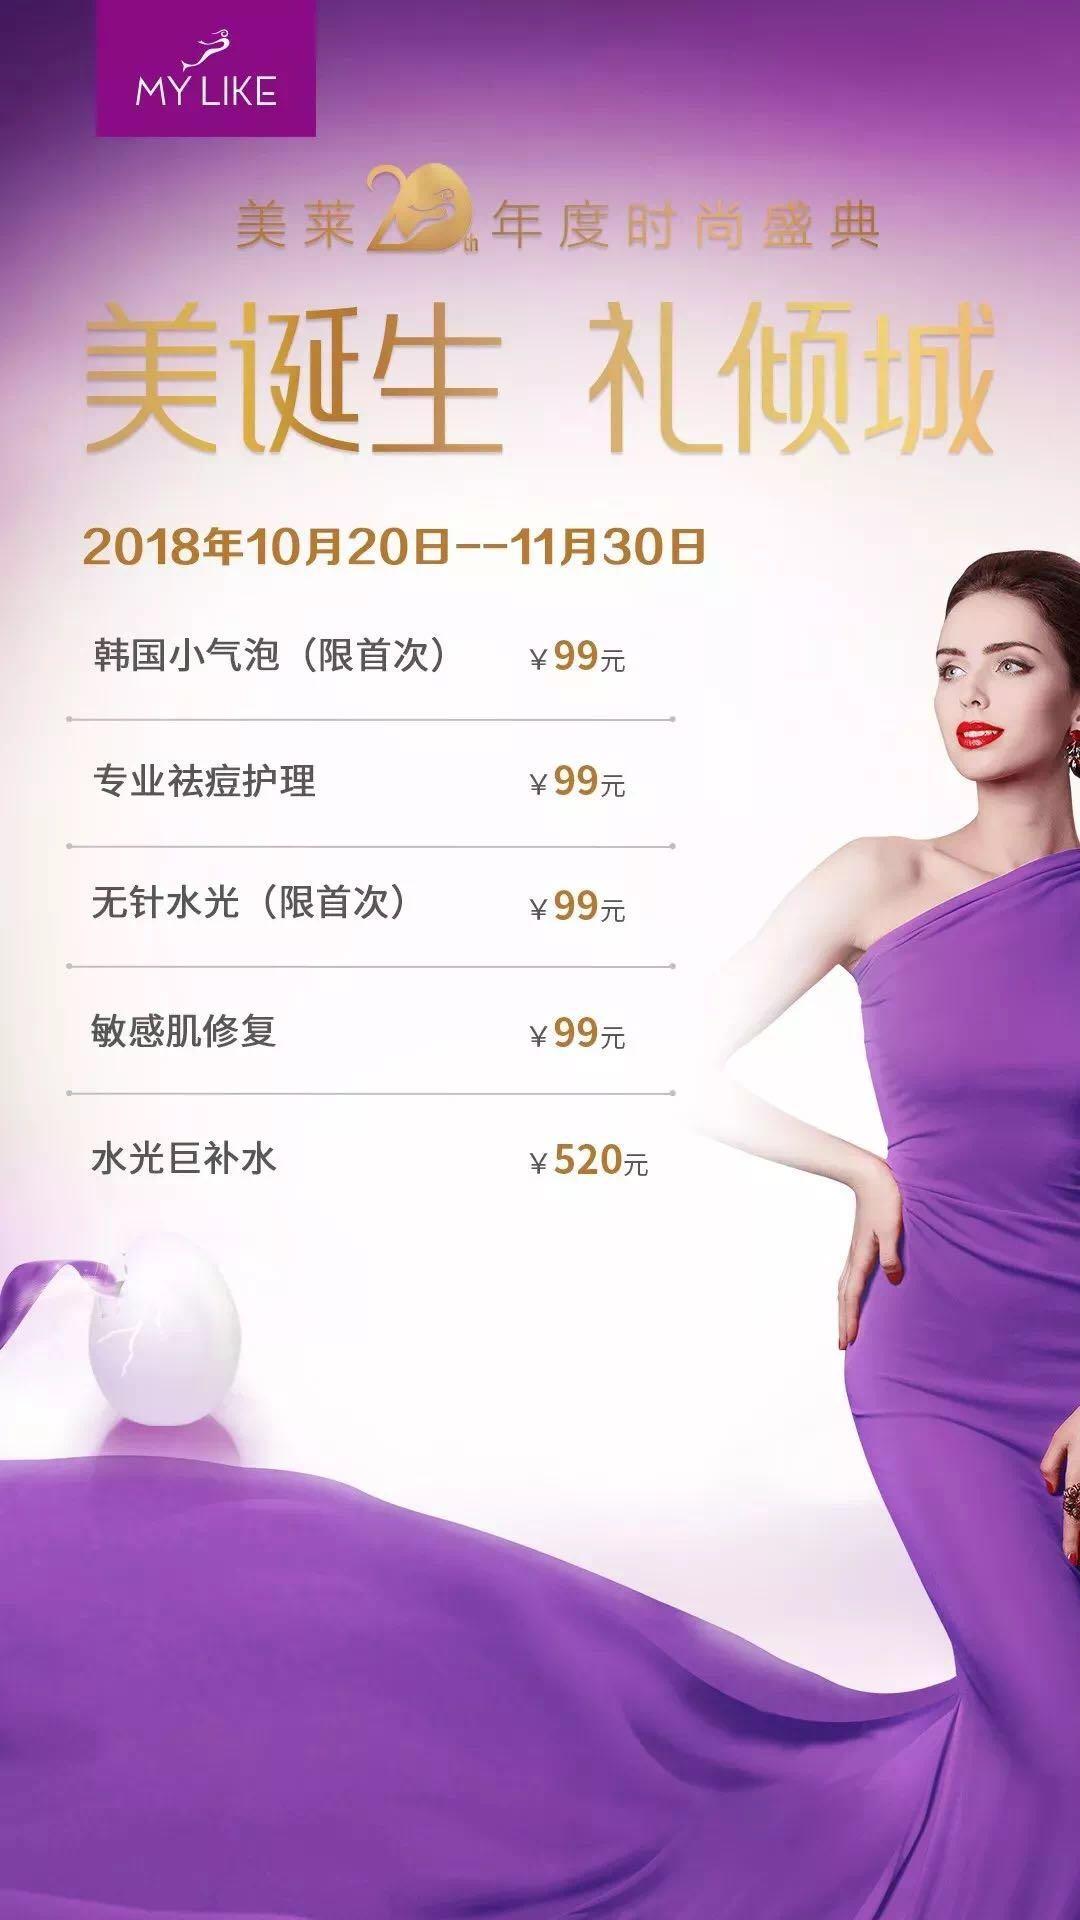 上海美莱周年庆水光针有没有什么优惠